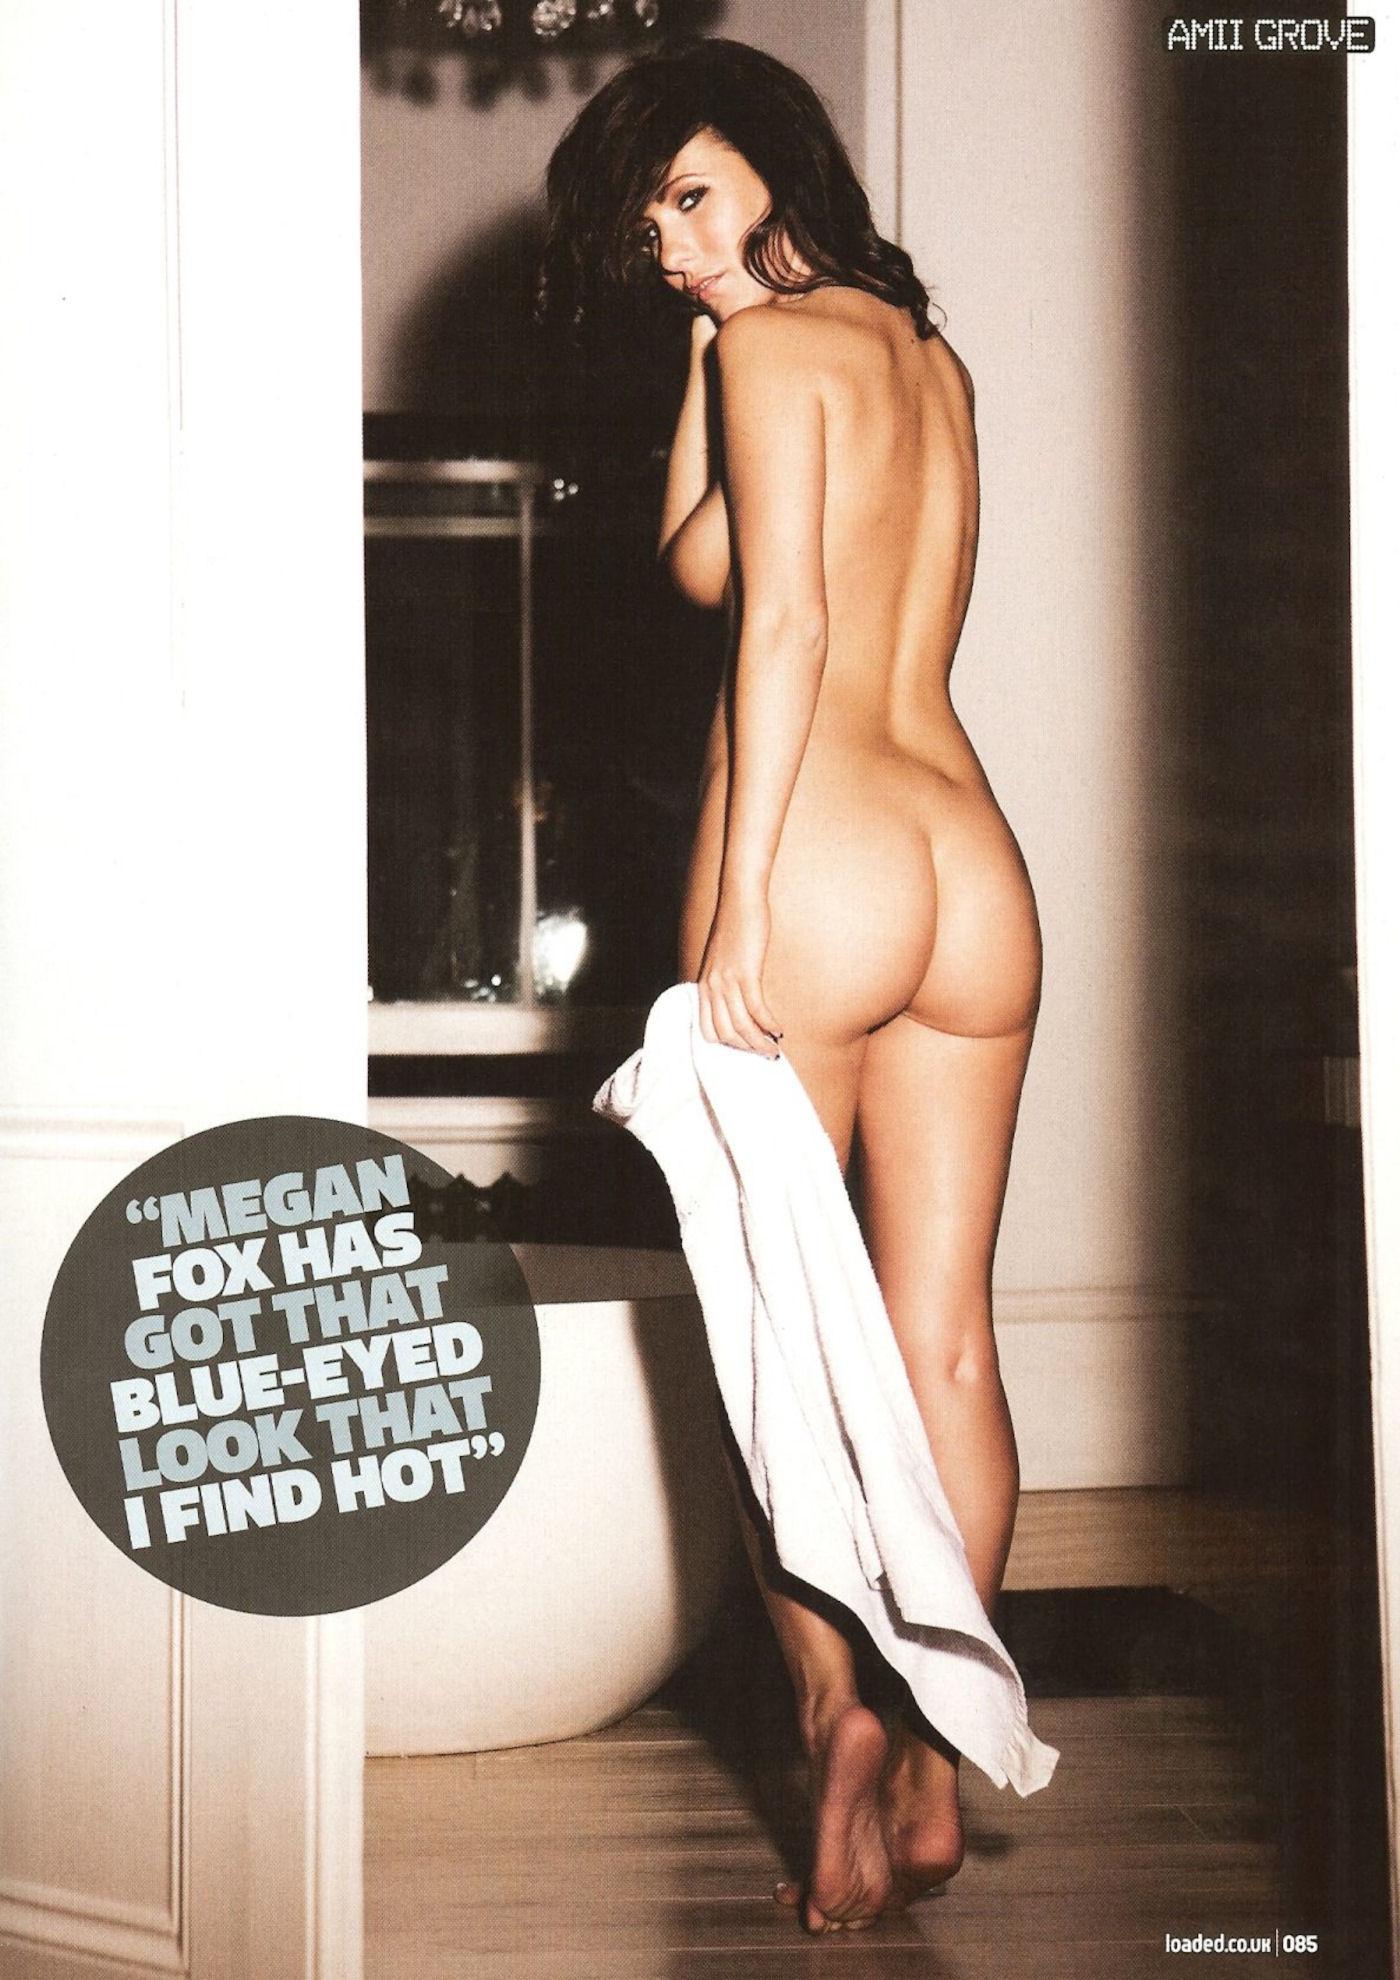 Amii grove topless